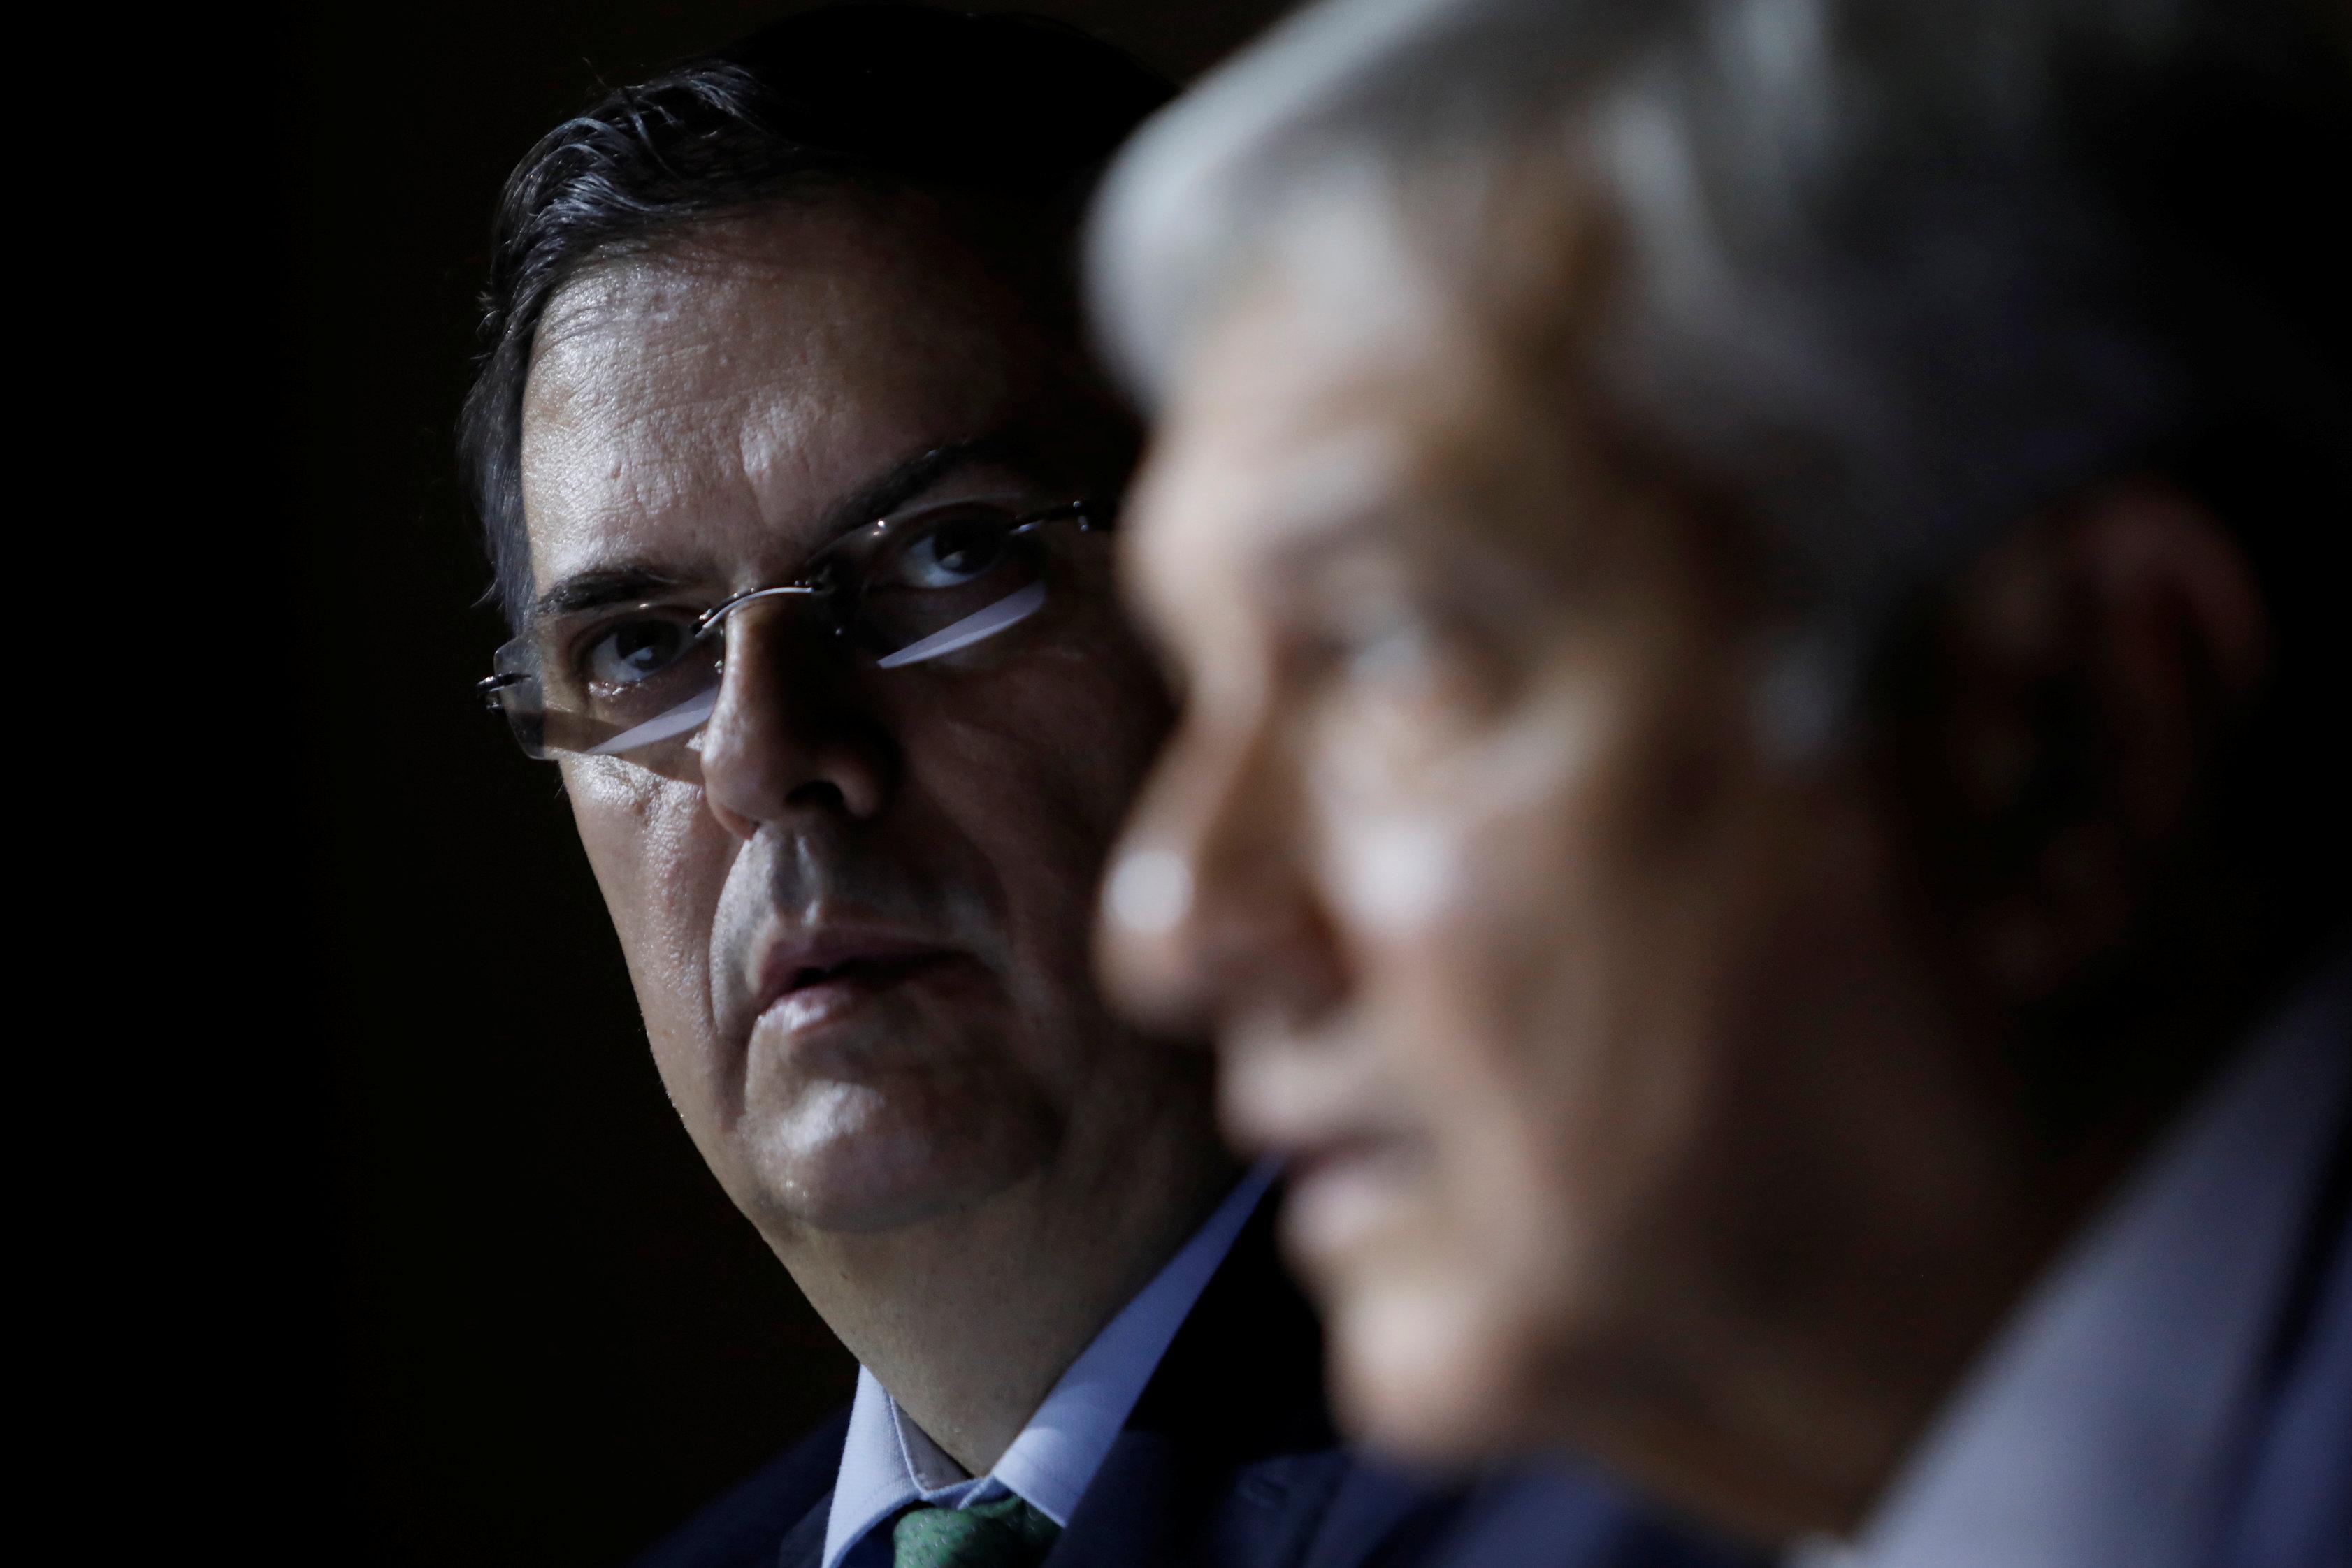 El canciller Marcelo Ebrard junto al presidente Andrés Manuel Lopez Obrador (Foto: REUTERS/Carlos Jasso)